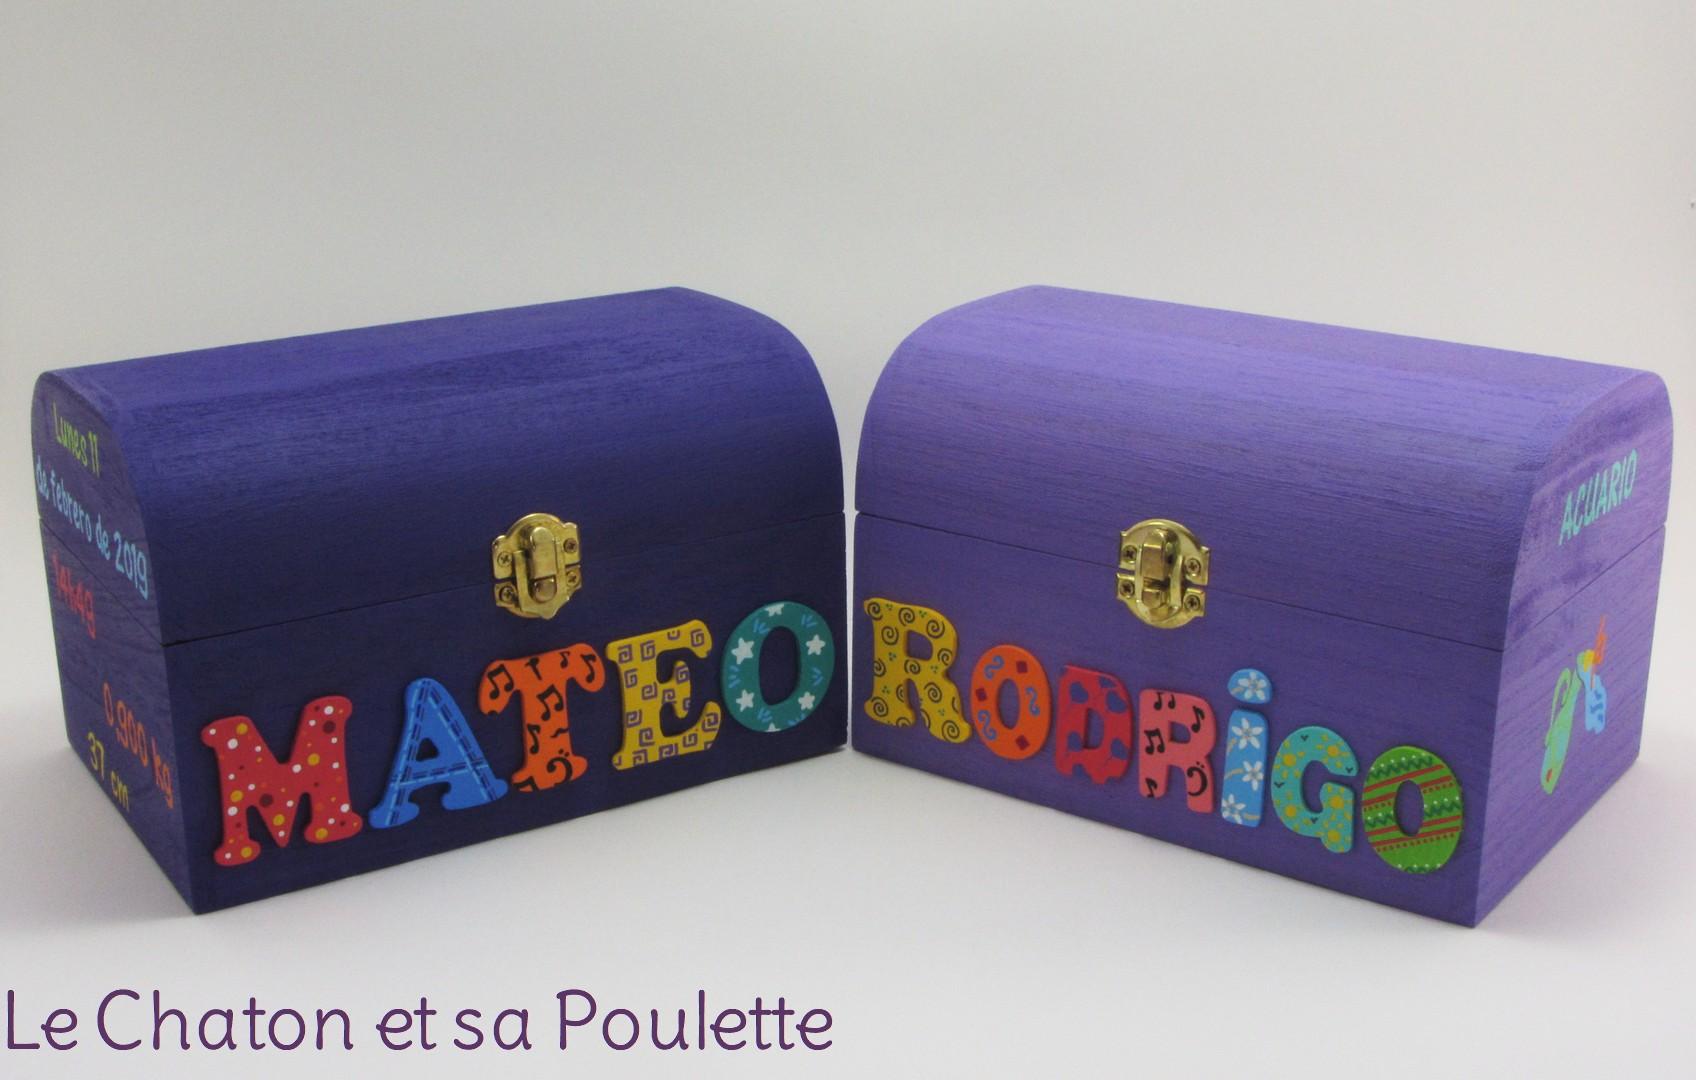 Coffrets violet et lilas, prénoms décorés Mateo et Rodrigo